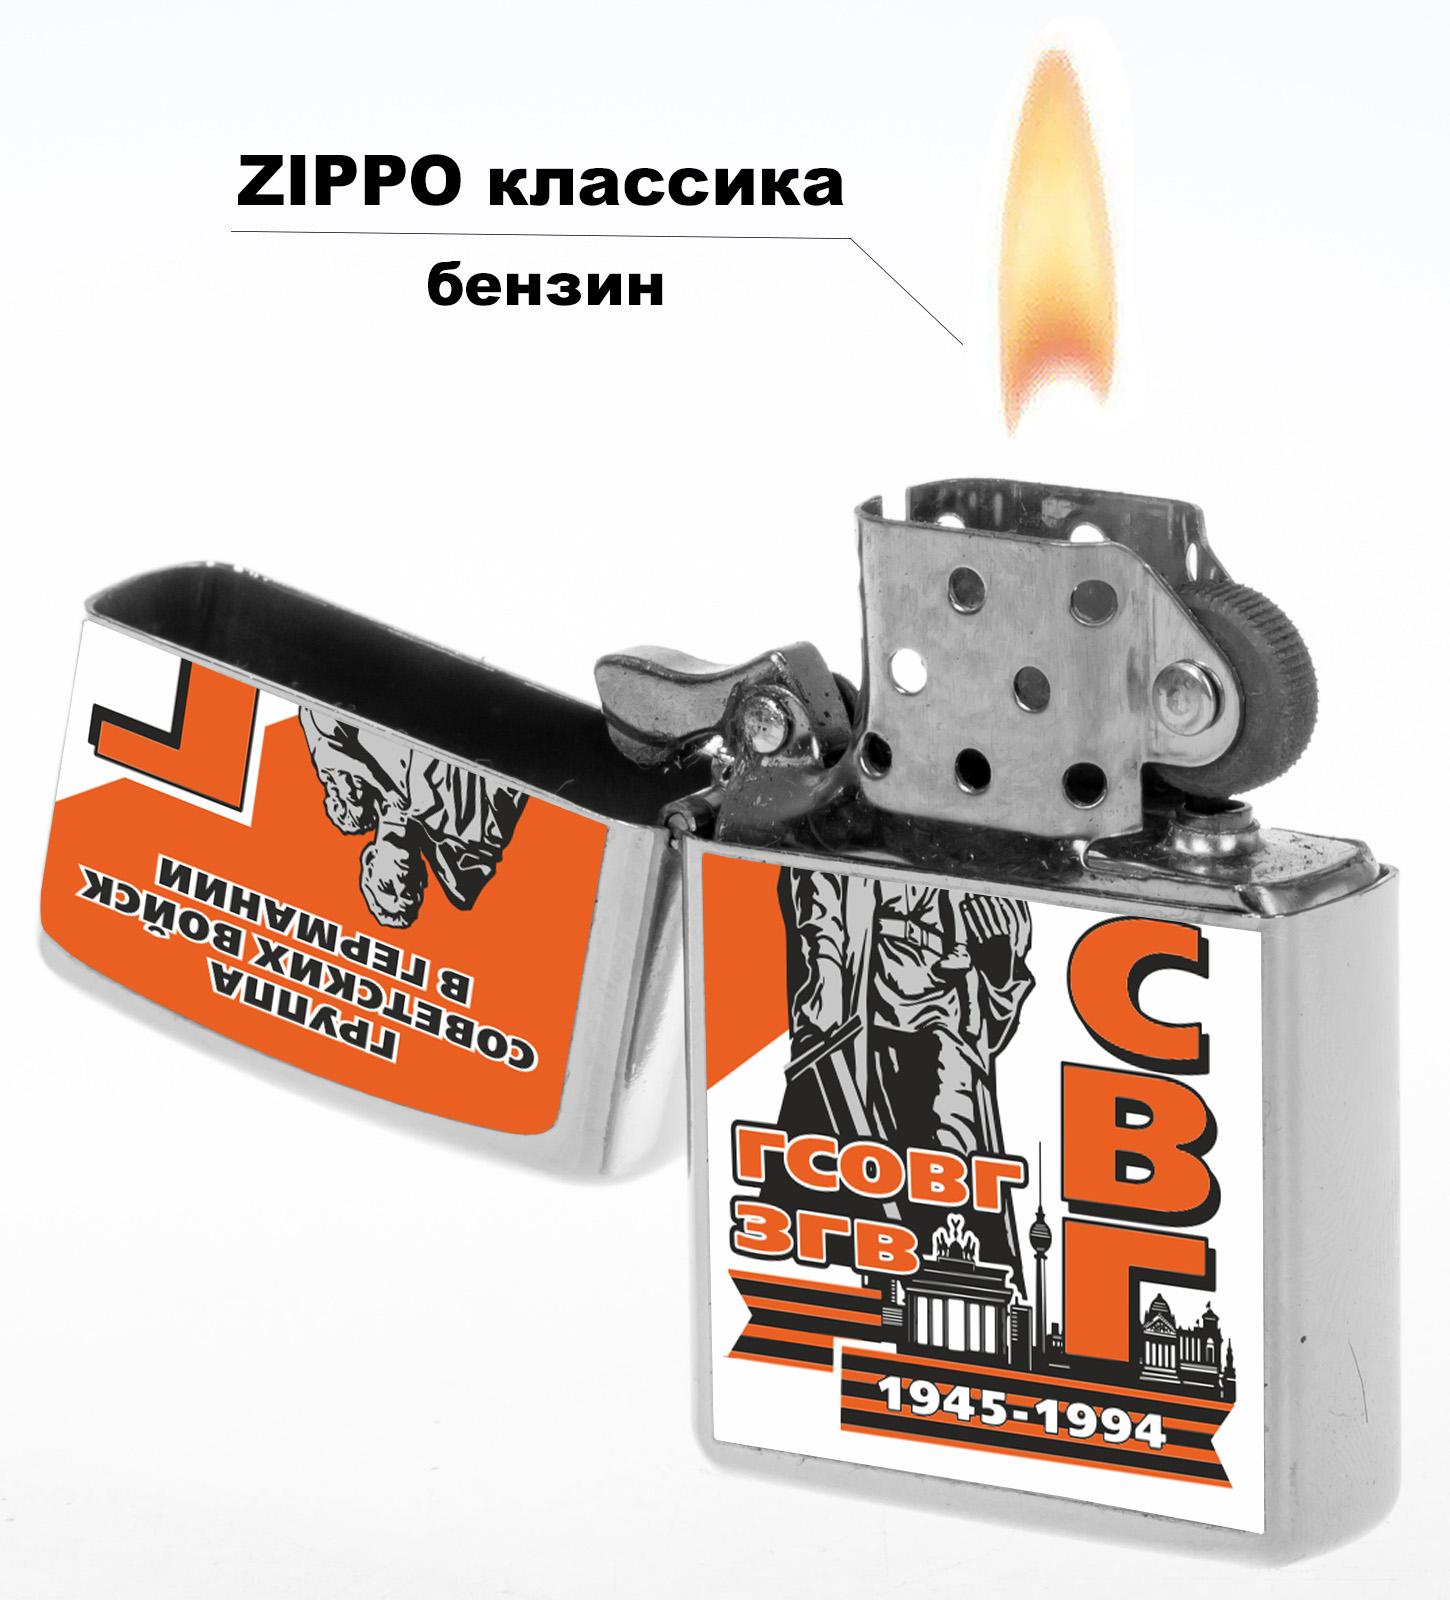 Подарочная зажигалка ГСВГ купить оптом и в розницу